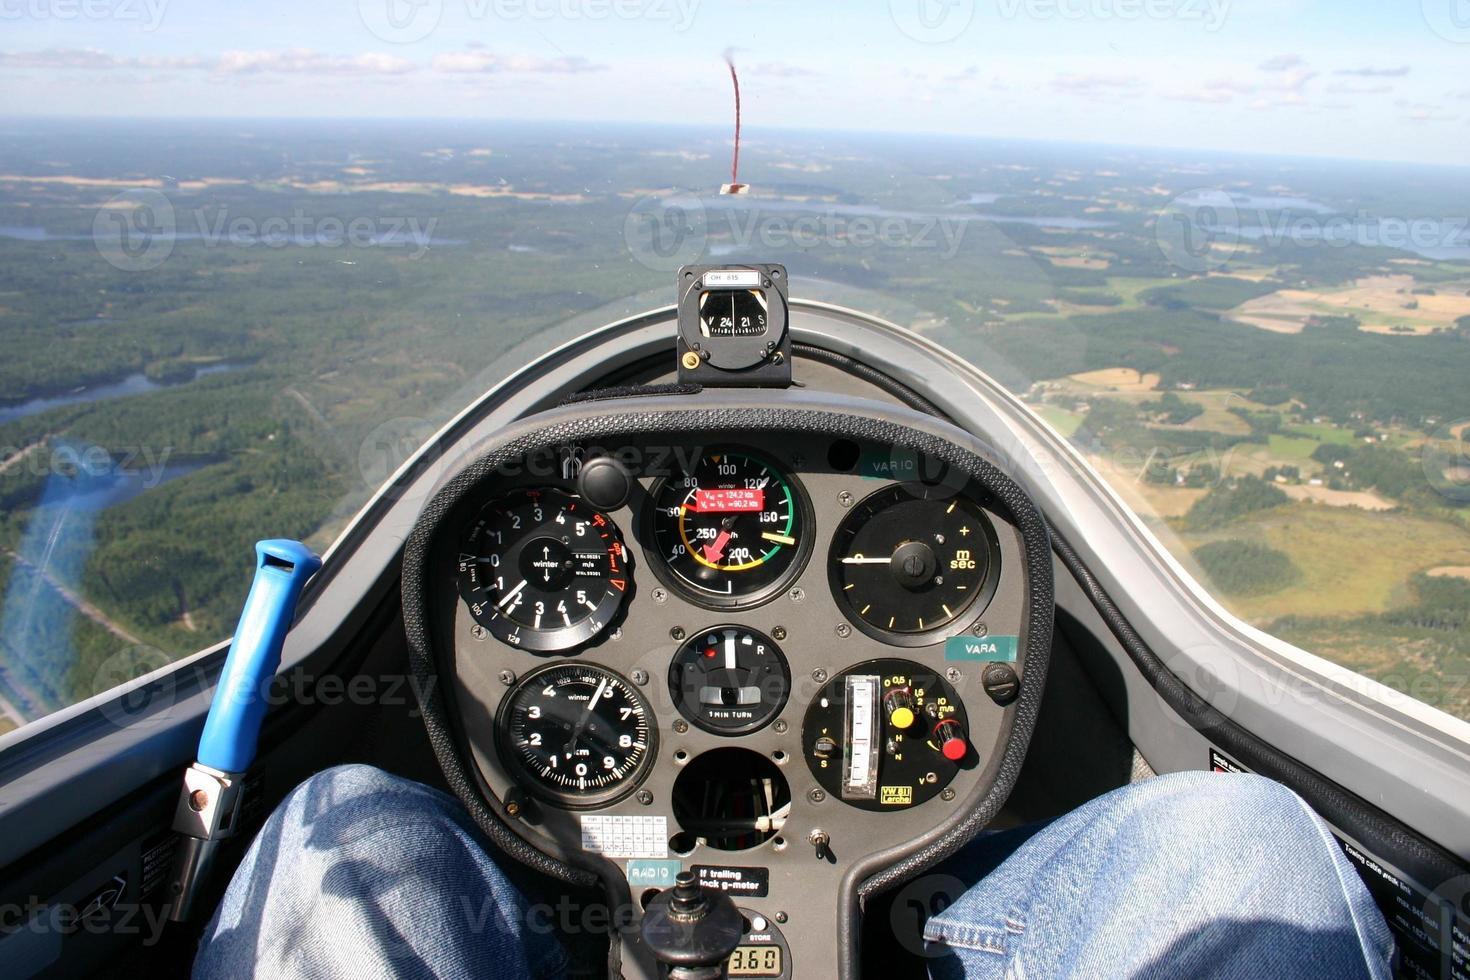 cabina di pilotaggio dell'aliante foto